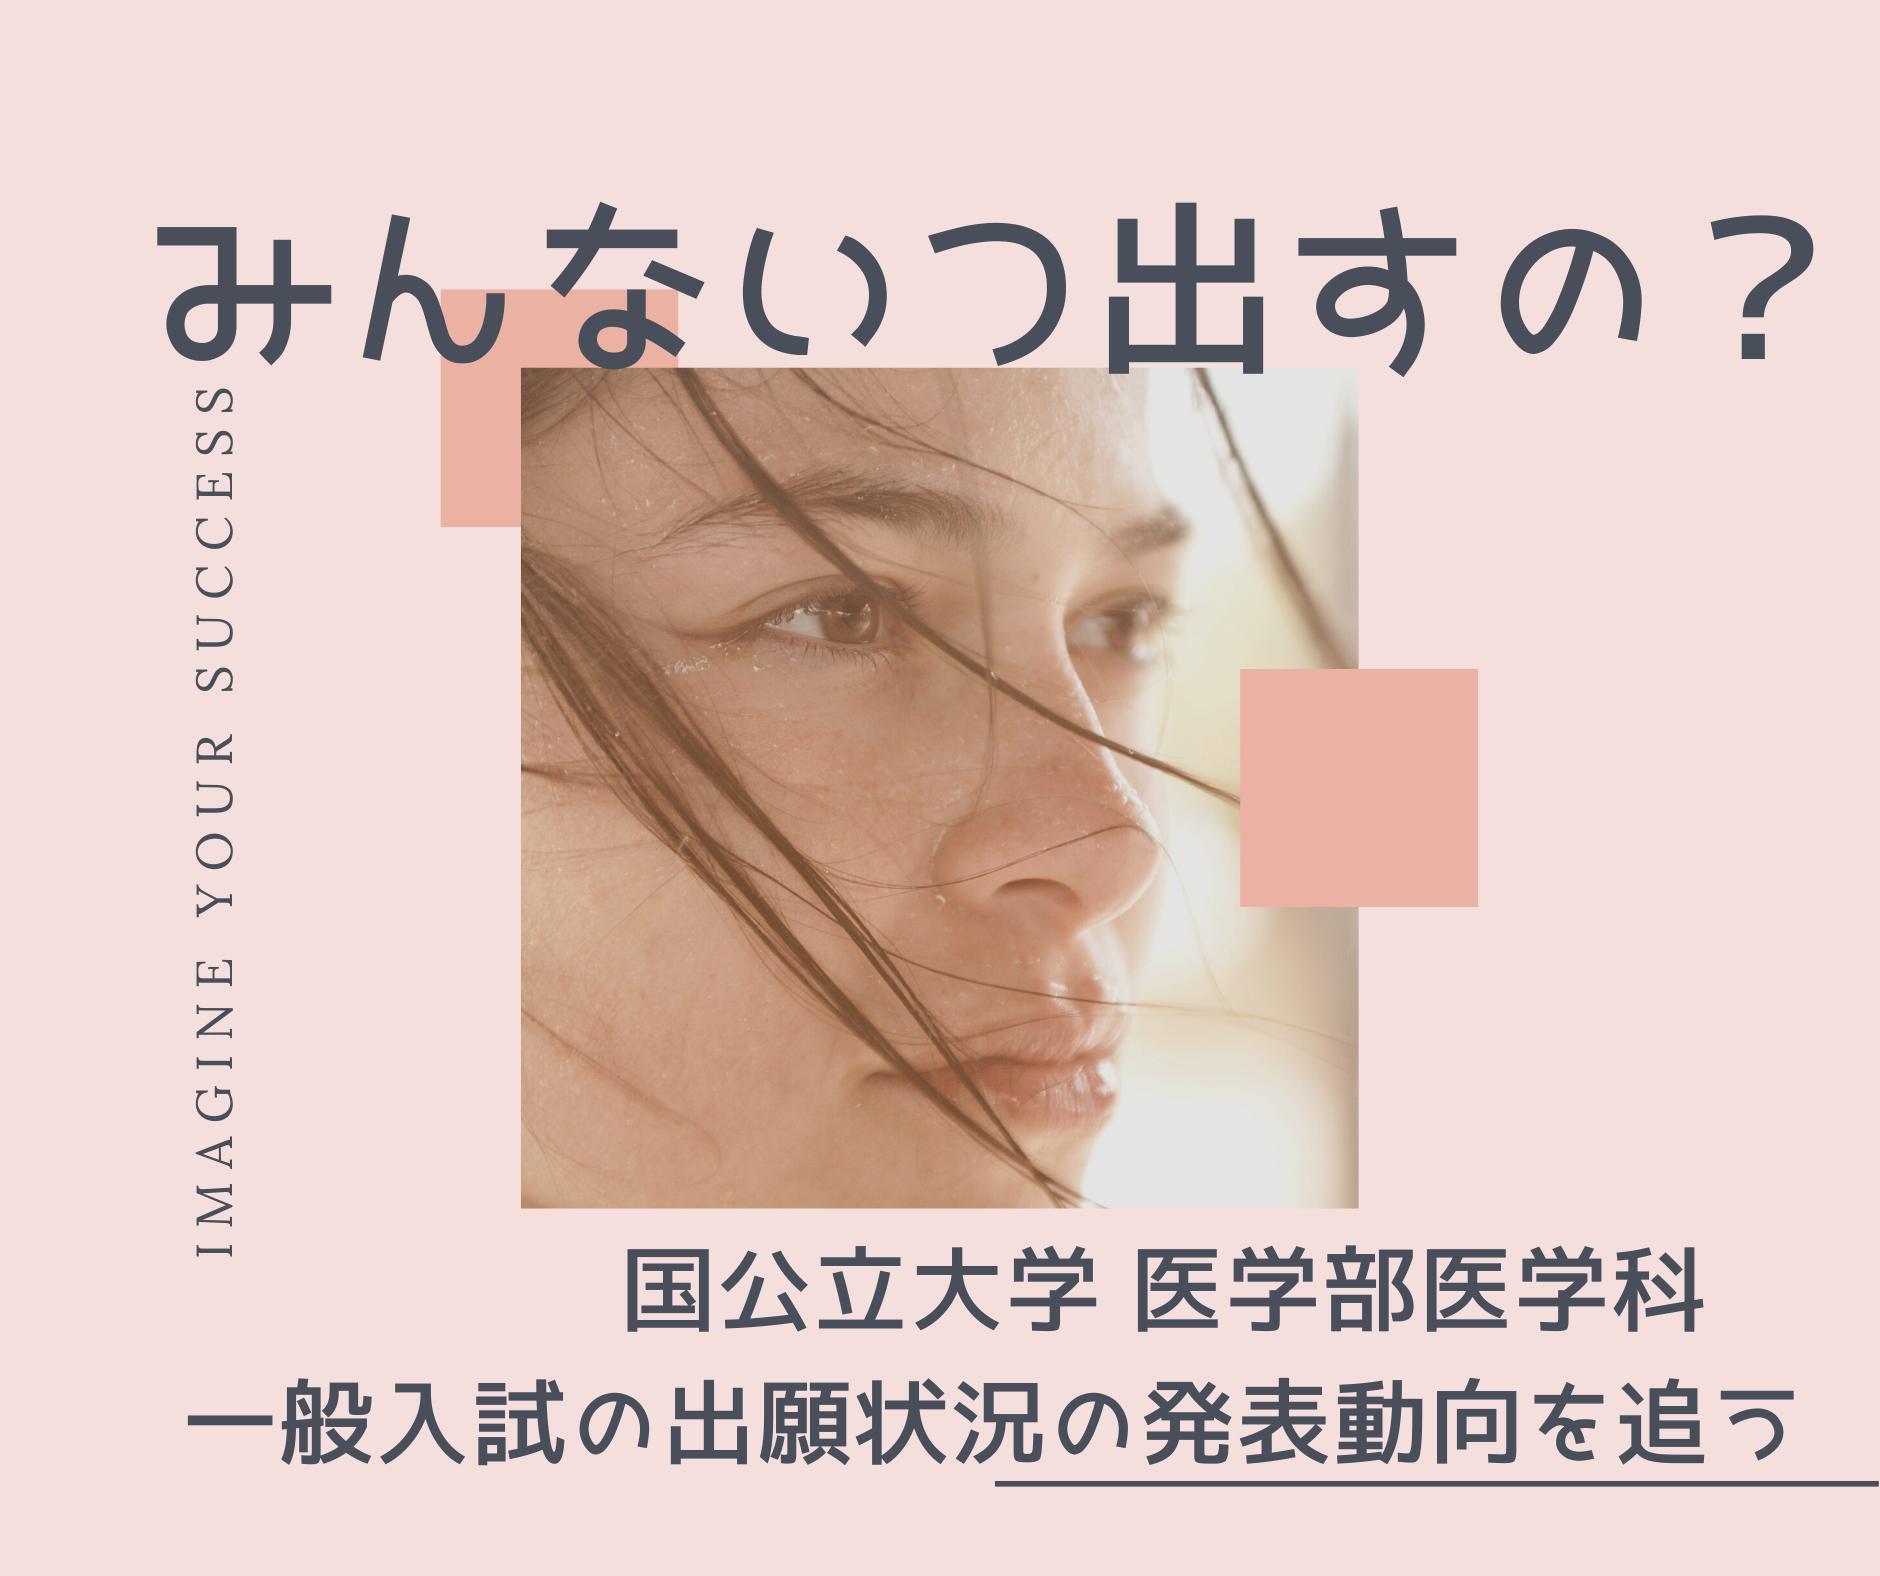 神奈川 大学 出願 状況